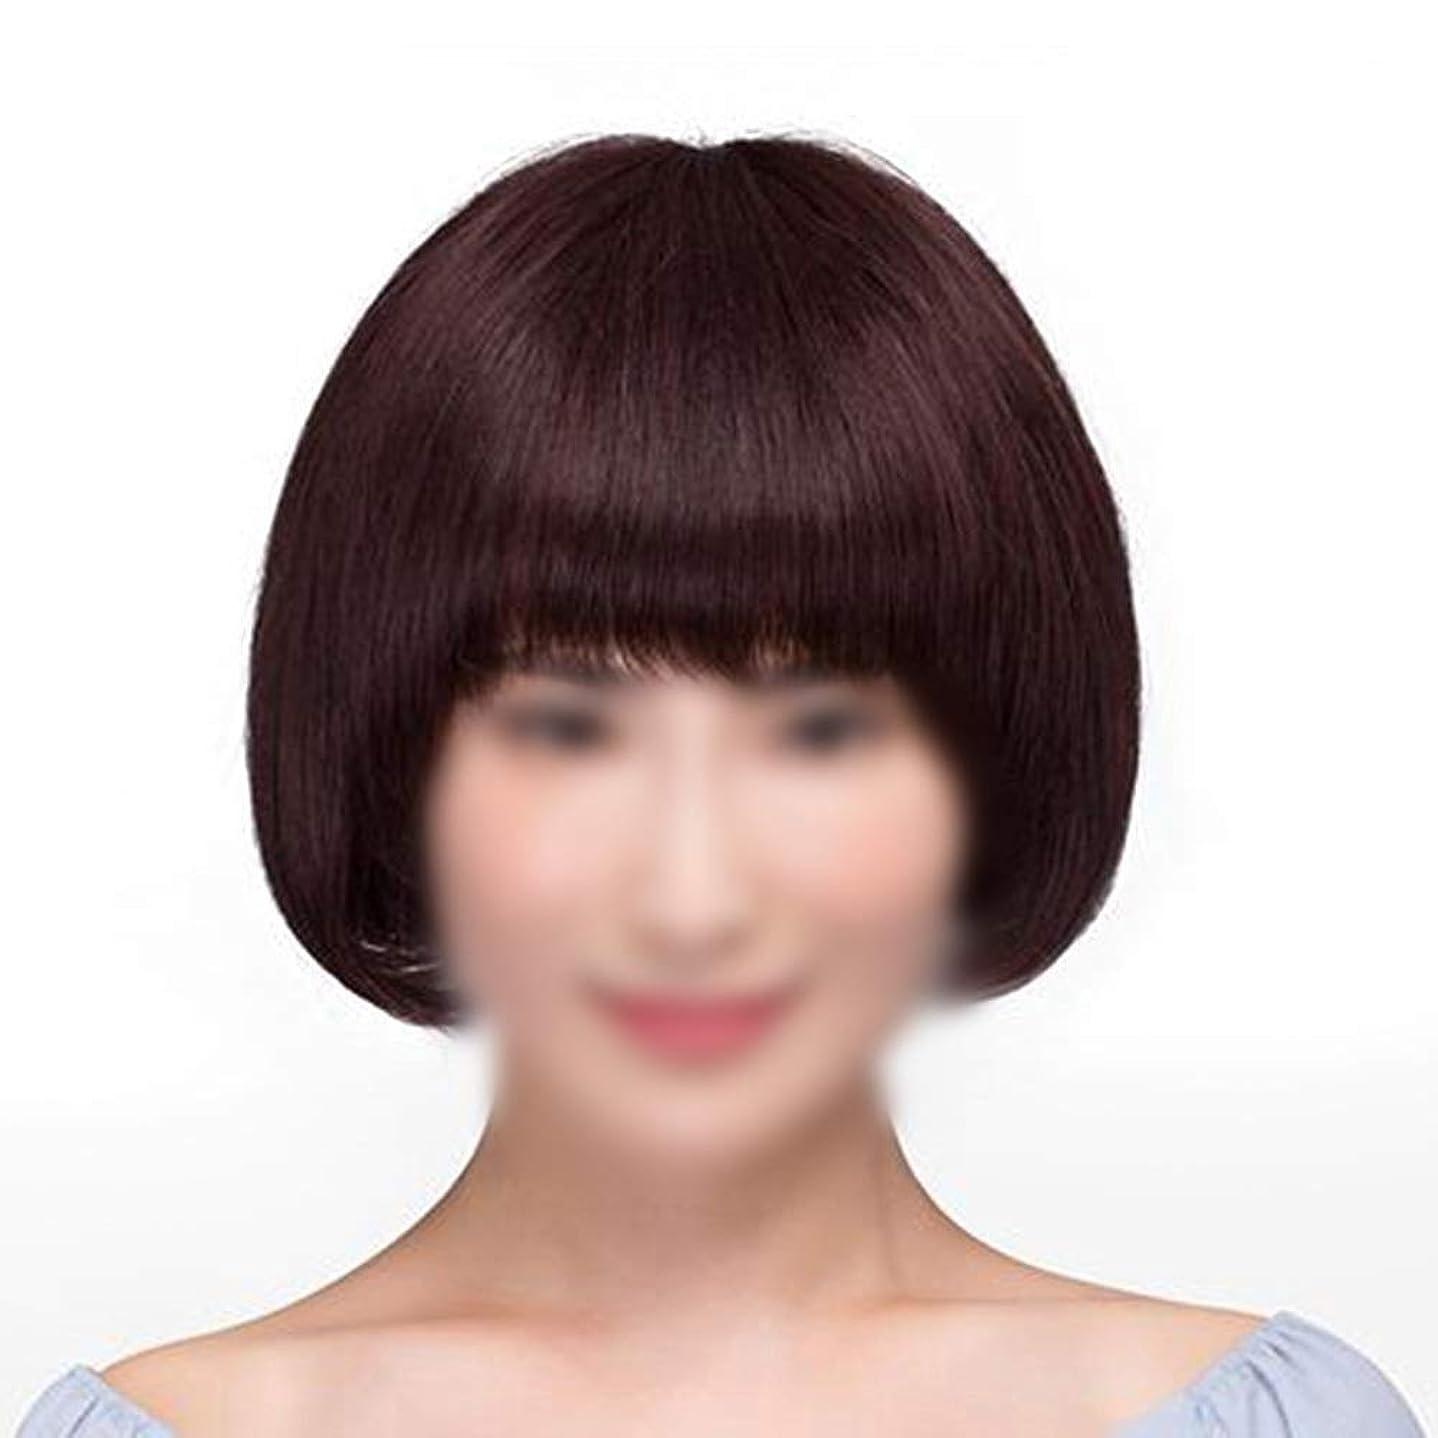 彼らは革命のみBOBIDYEE 女性のストレートショートボブ耐熱合成天然ブラウンカラーフルヘアかつらと前髪ショートレッドウィッグ (色 : Dark brown)